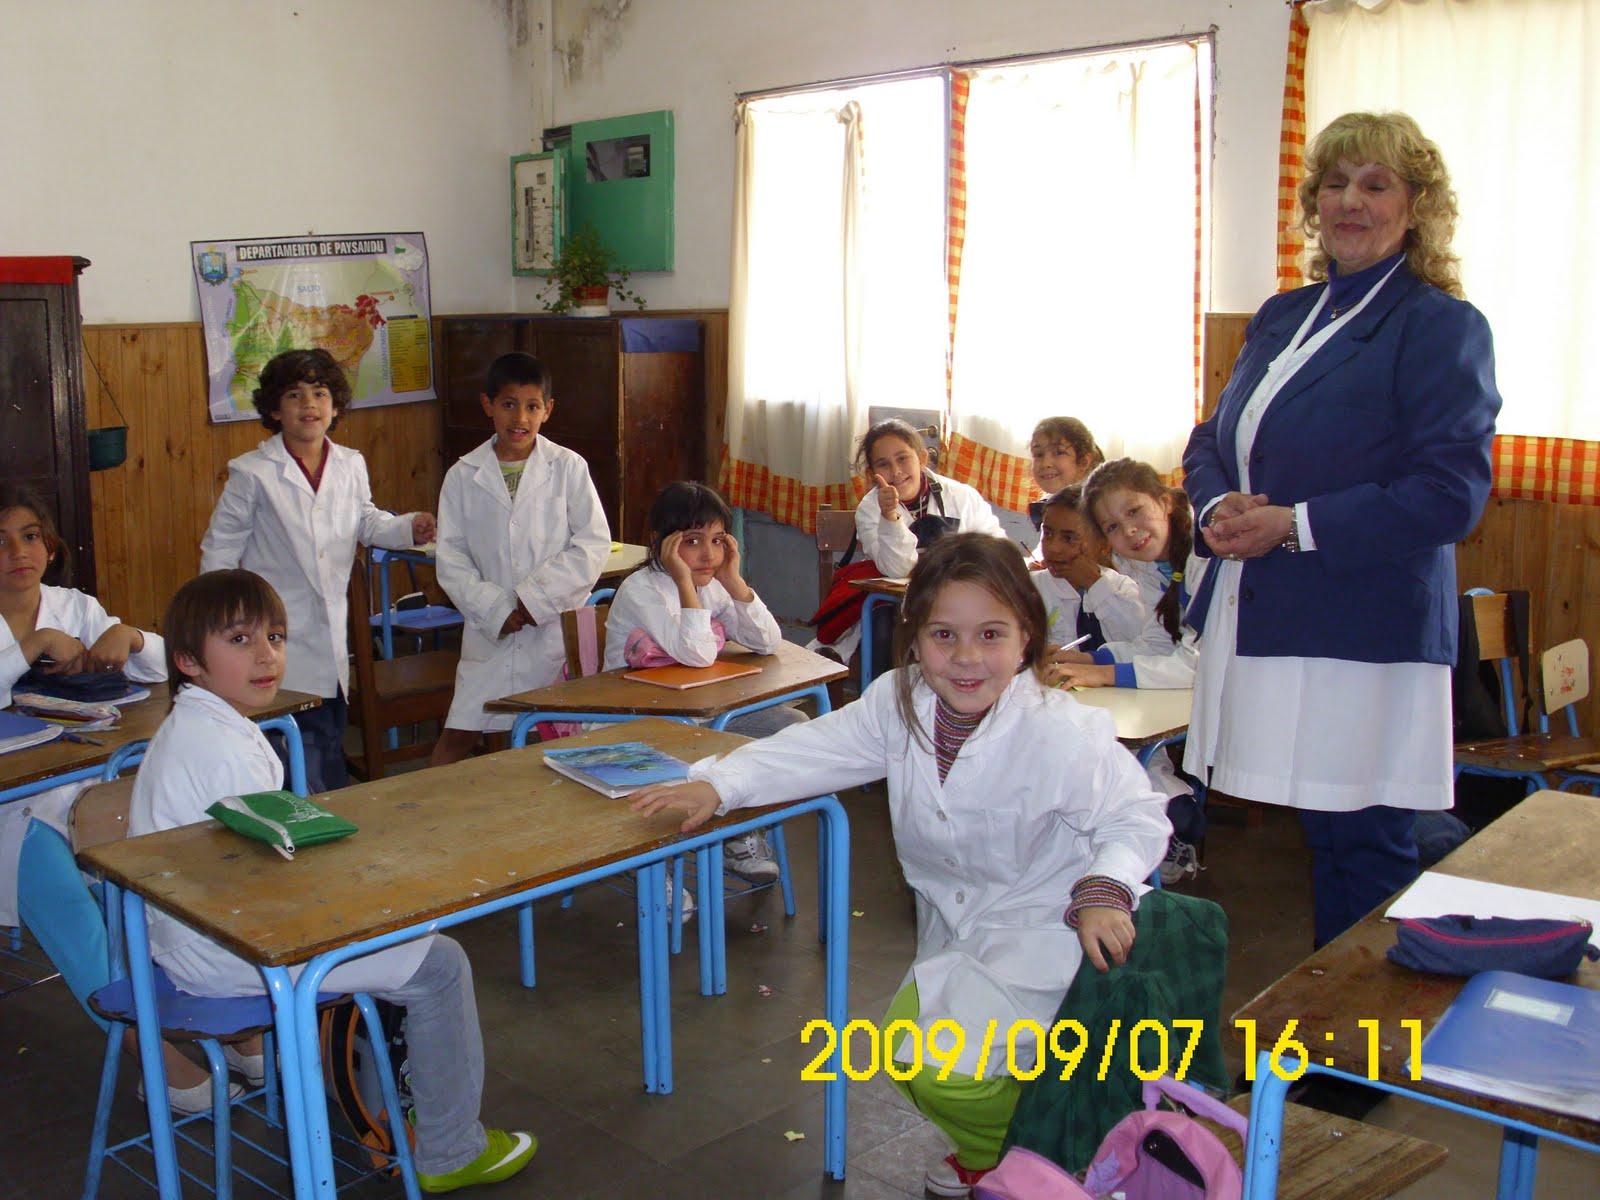 http://3.bp.blogspot.com/_ZU7NBBafr9g/TIeLi-TqDkI/AAAAAAAAAWE/F0ncW3UcAg0/s1600/experimentos+097.jpg